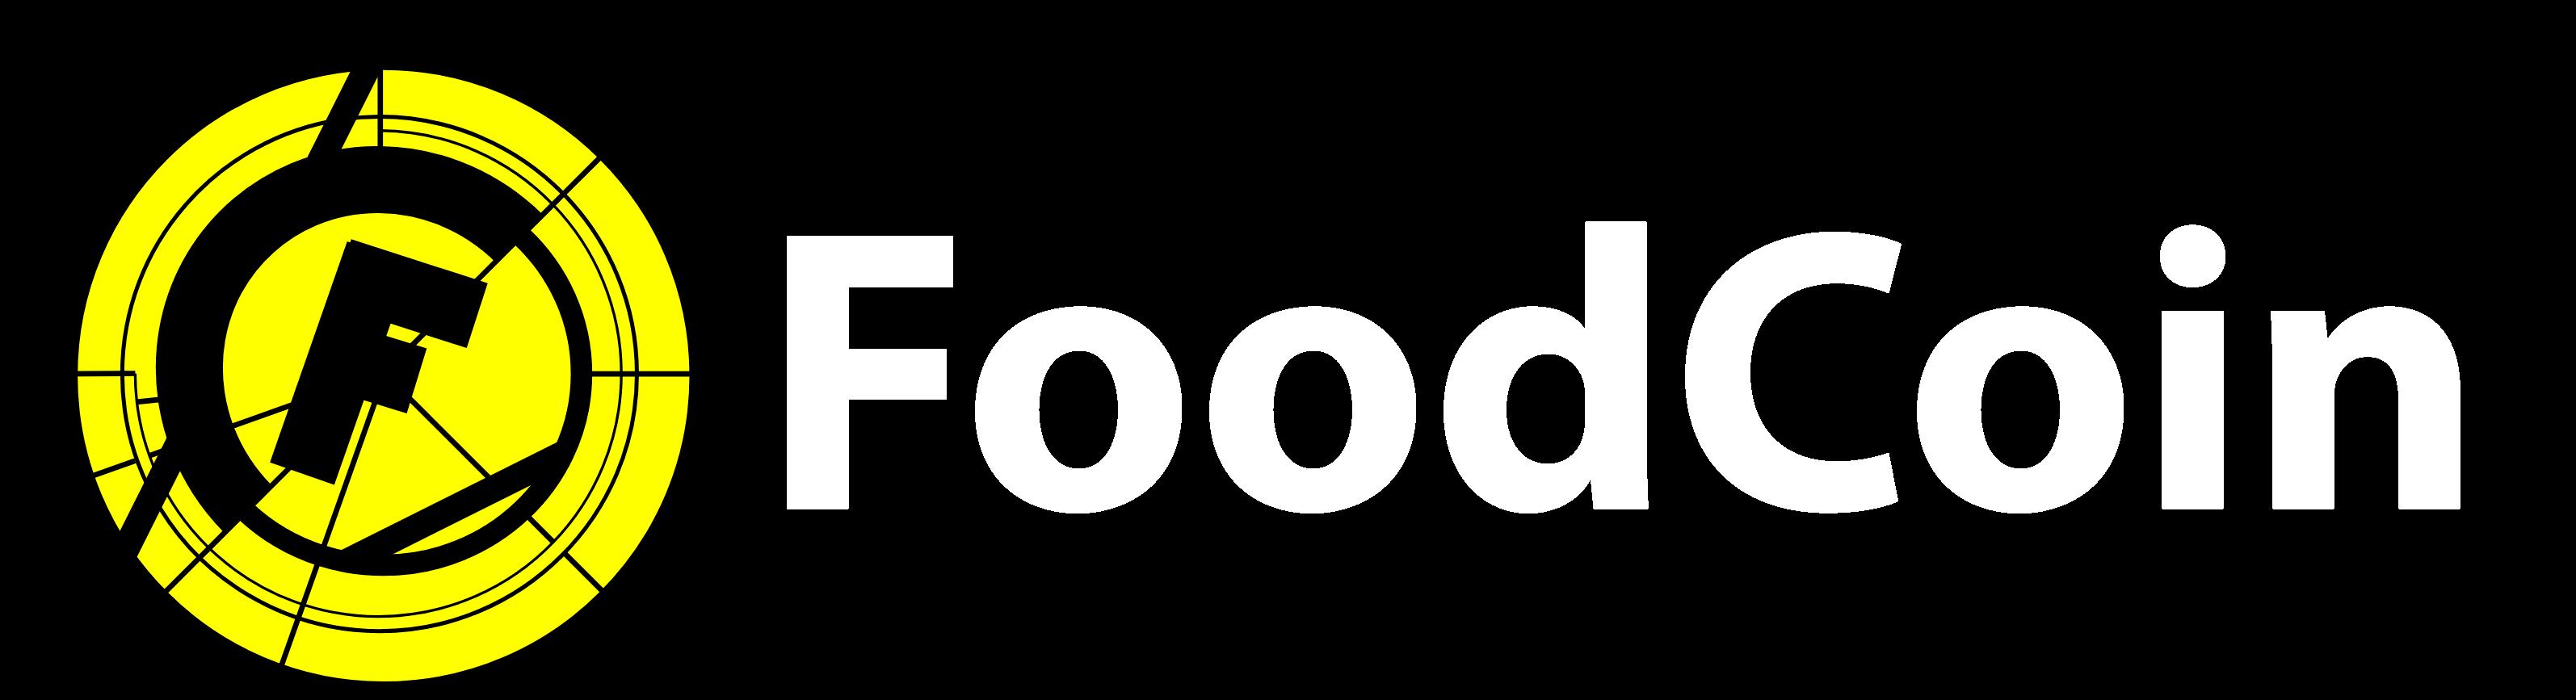 FoodOverflow blog